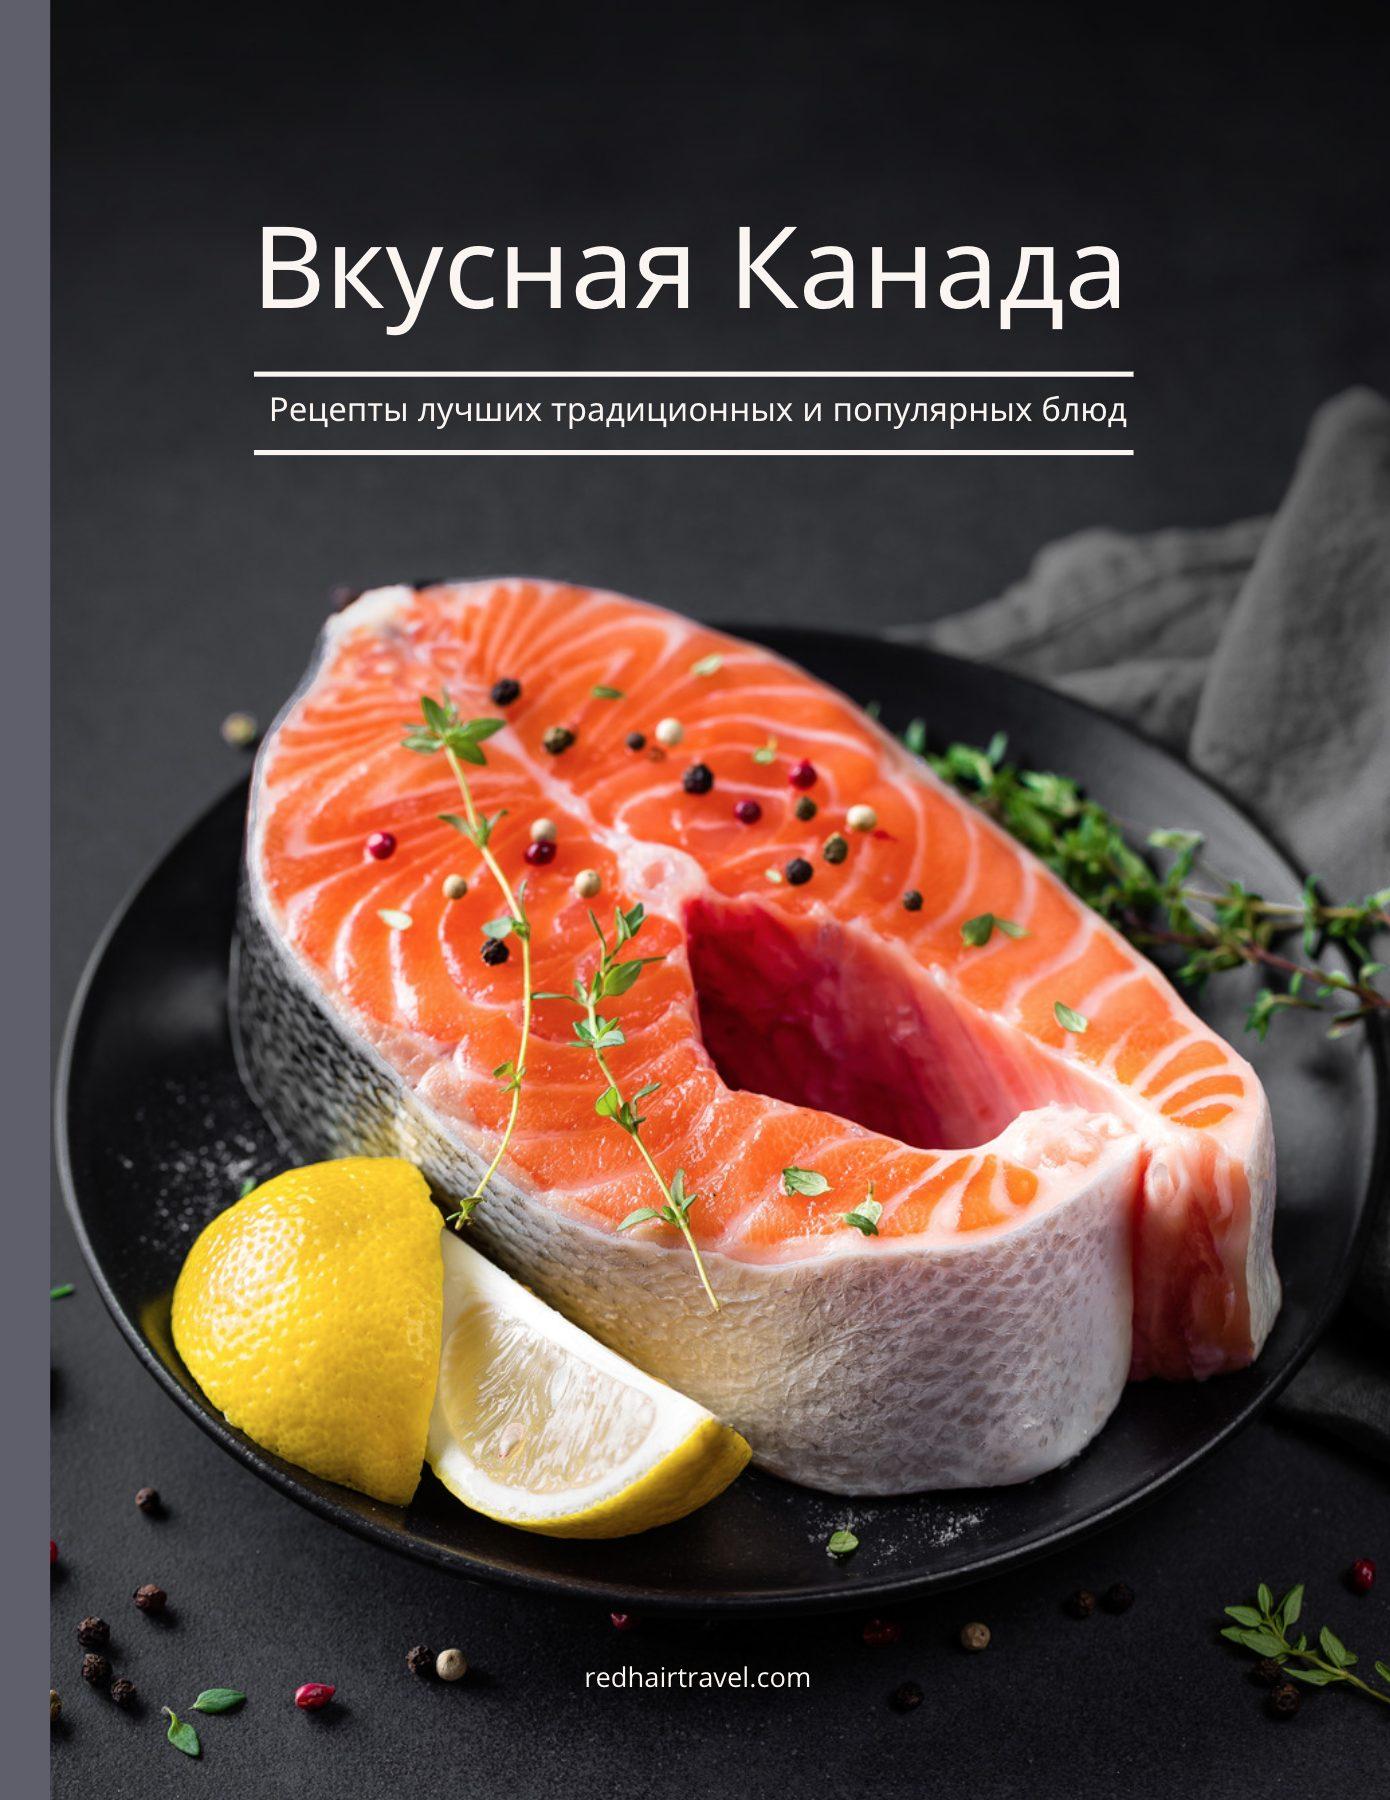 Сборник рецептов «Вкусная Канада»